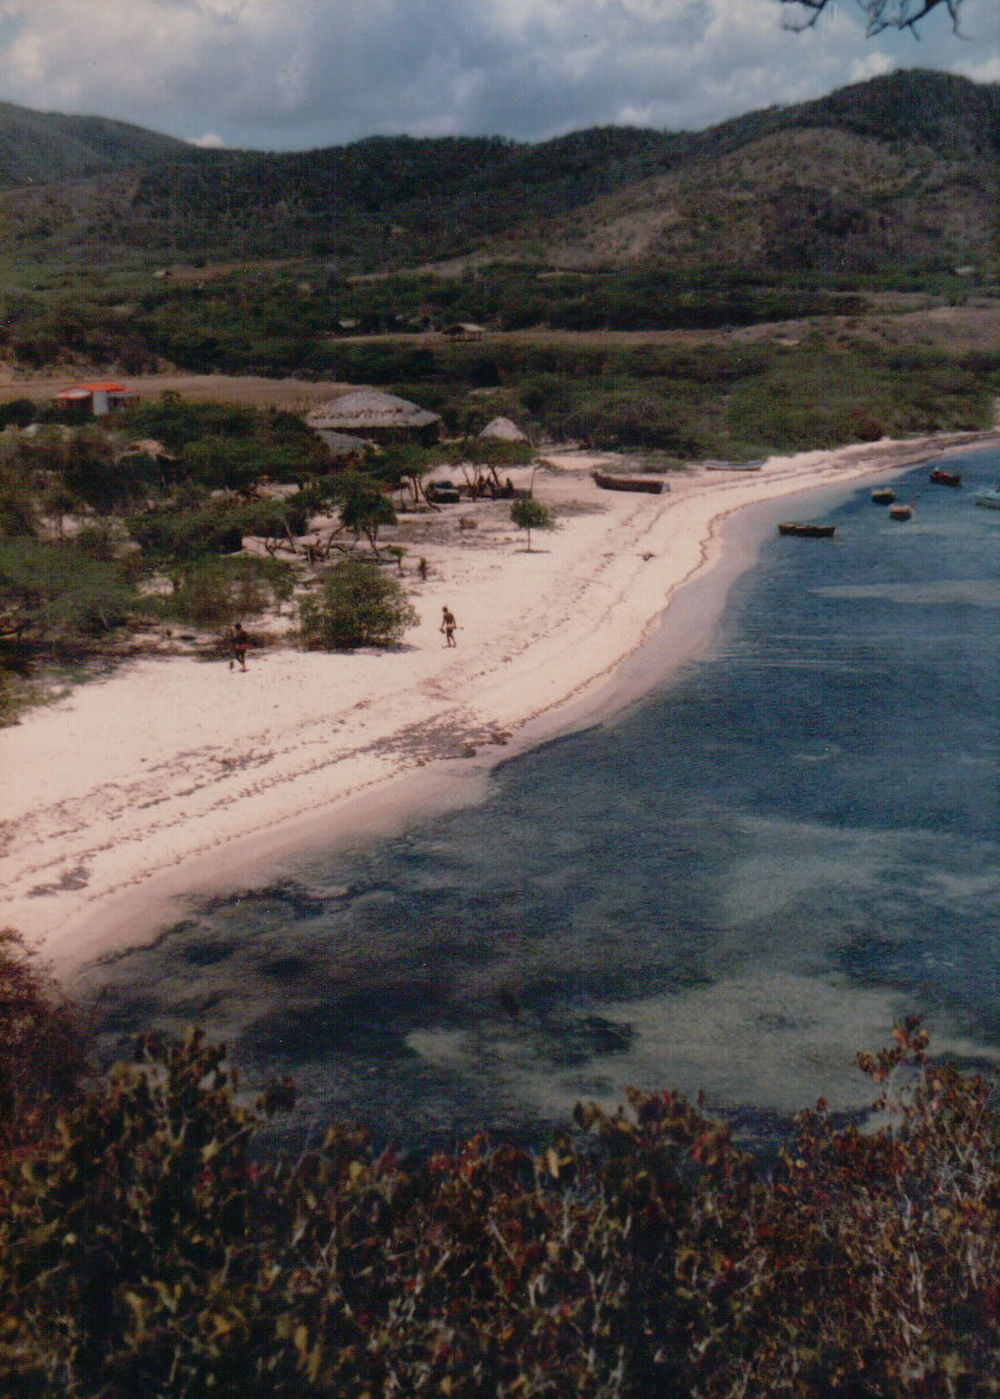 La costa de Buen Hombre, Dominican Republic, 1989  (Photography by Richard W. Stoffle)